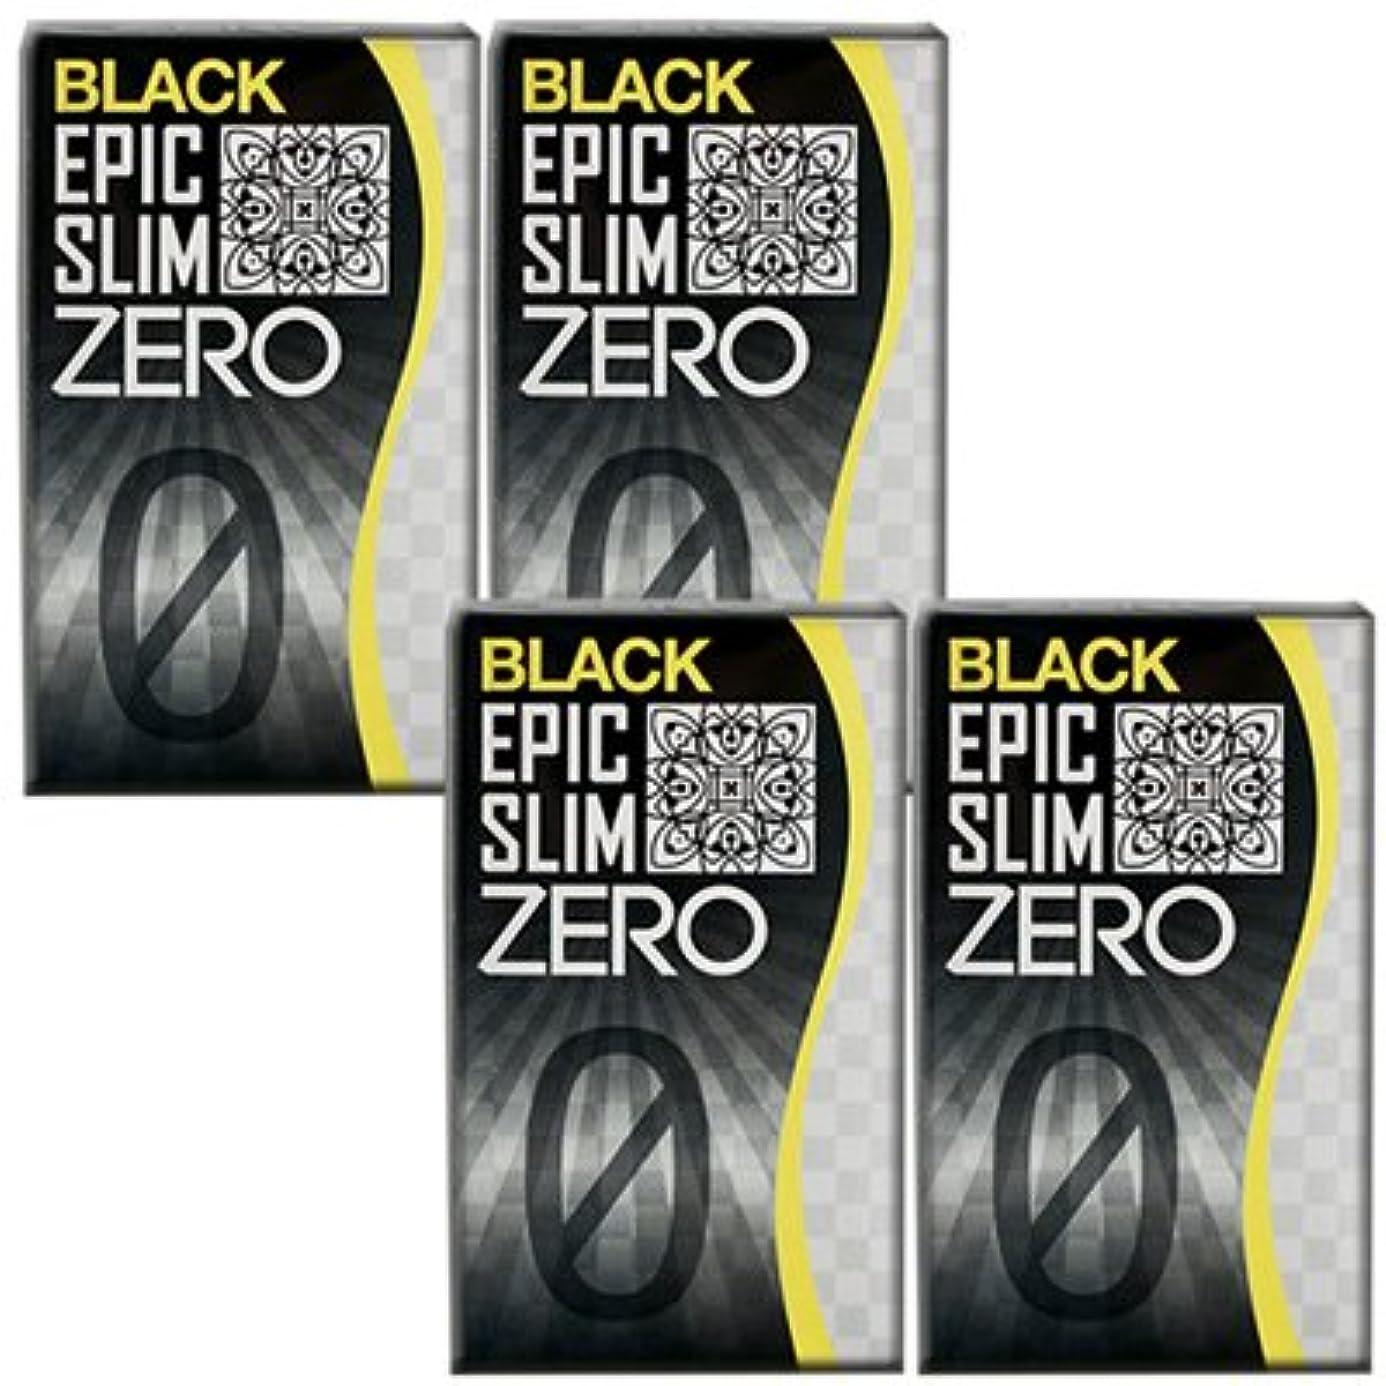 分注するカーペット酔ったブラック エピックスリム ゼロ ブラック 4個セット!  Epic Slim ZERO BLACK ×4個